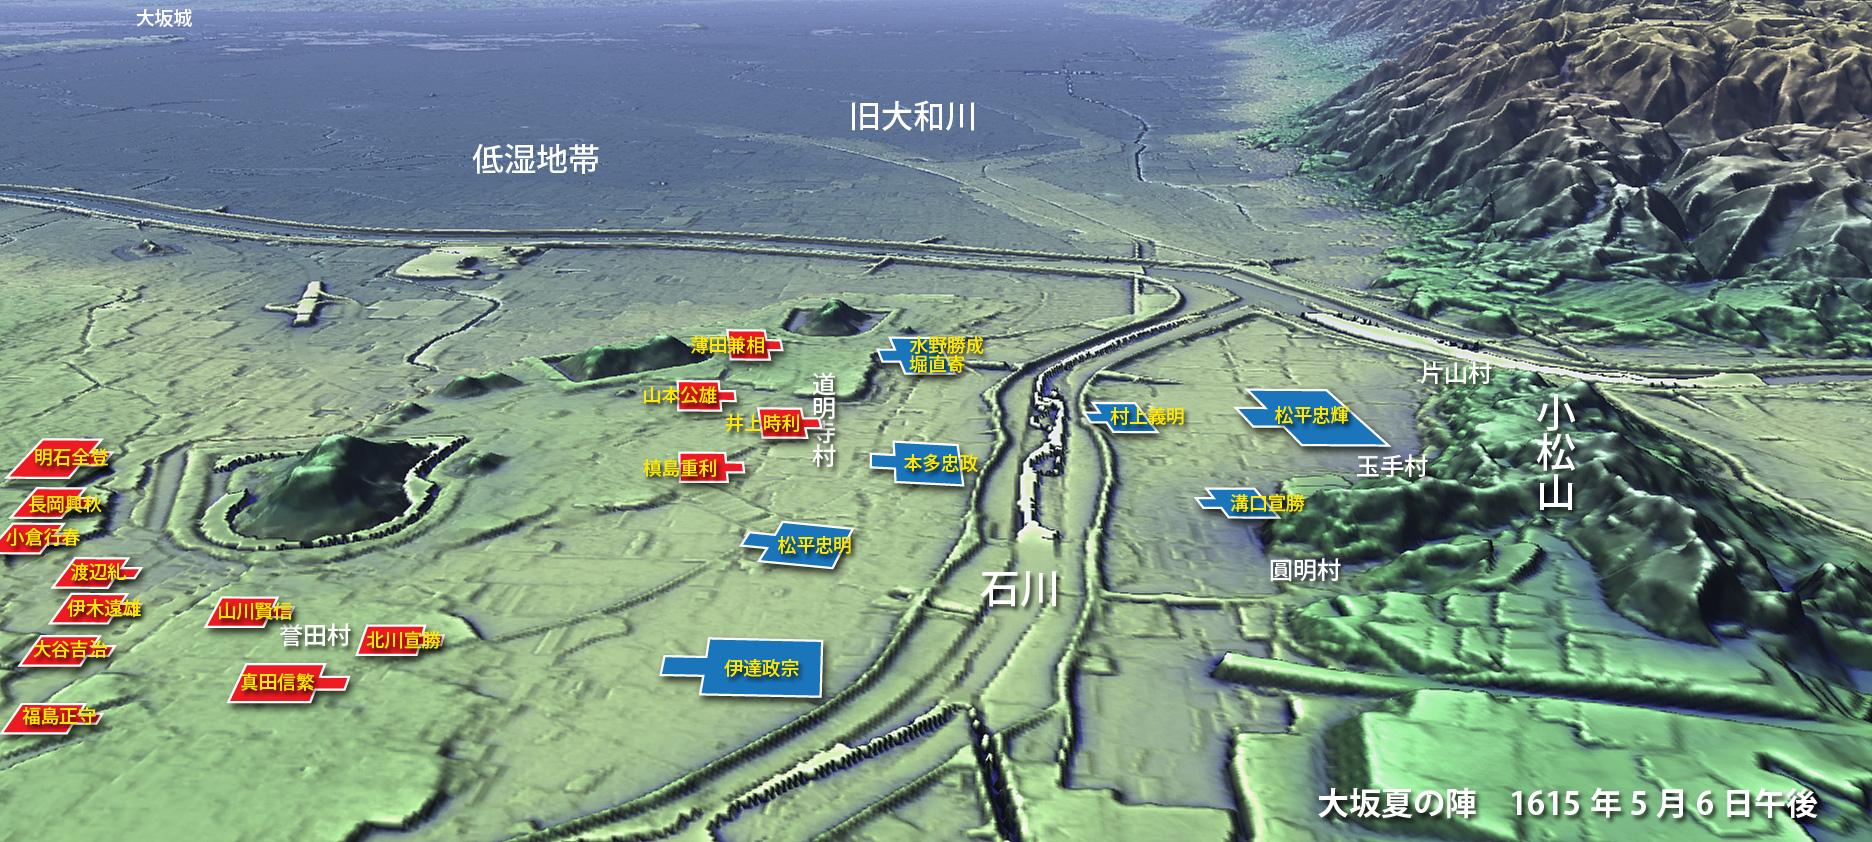 field_03.jpg